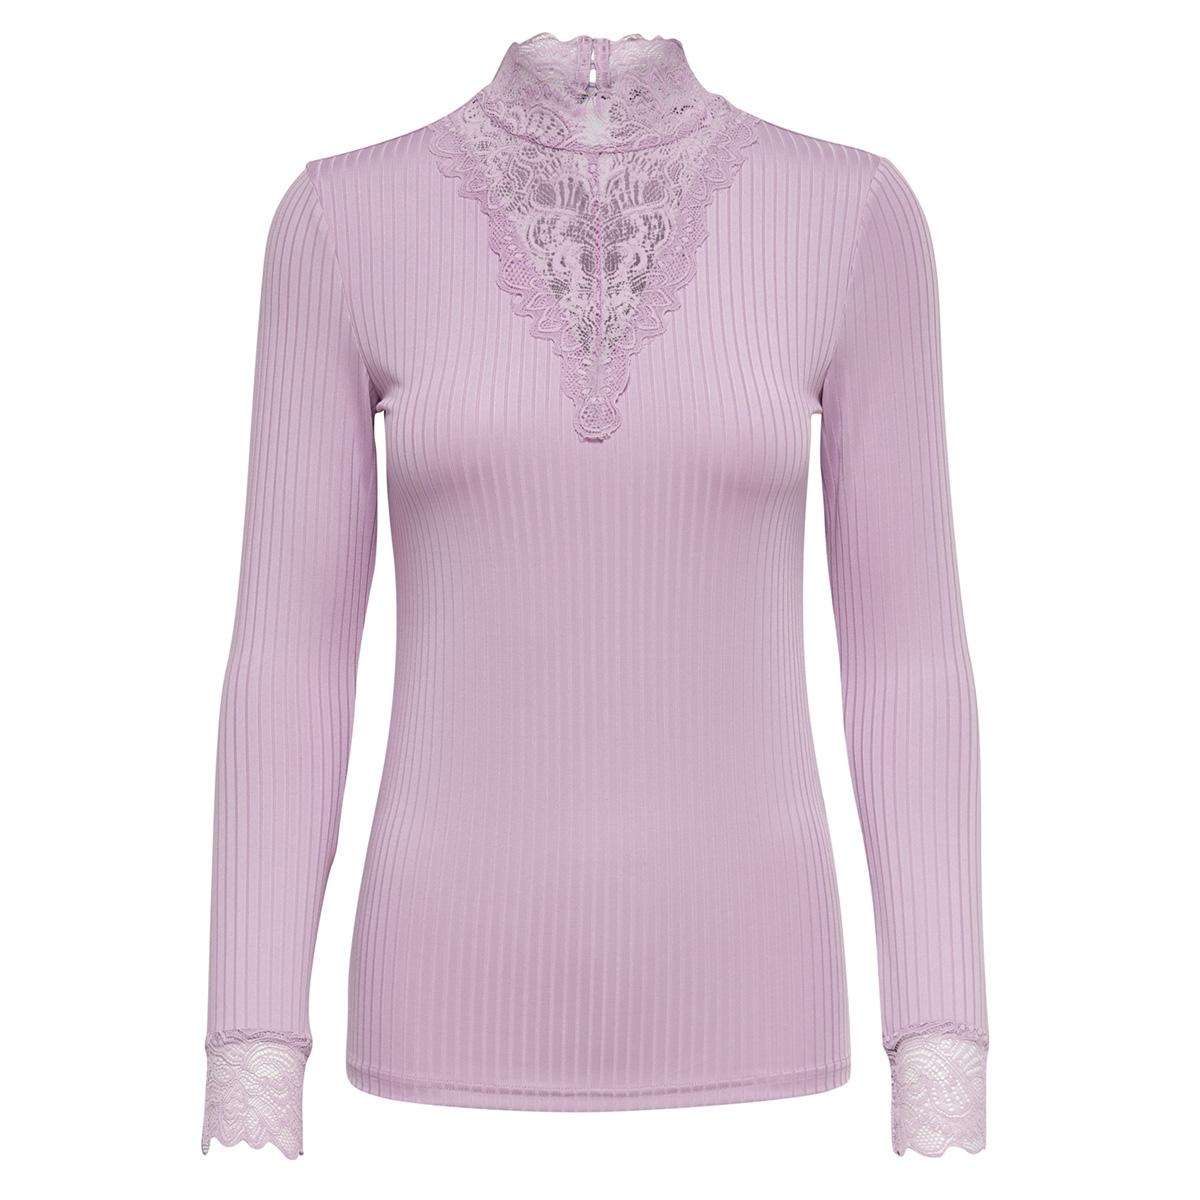 jdyrine l/s high neck top jrs noos 15166244 jacqueline de yong t-shirt mauve mist/ dtm lace a